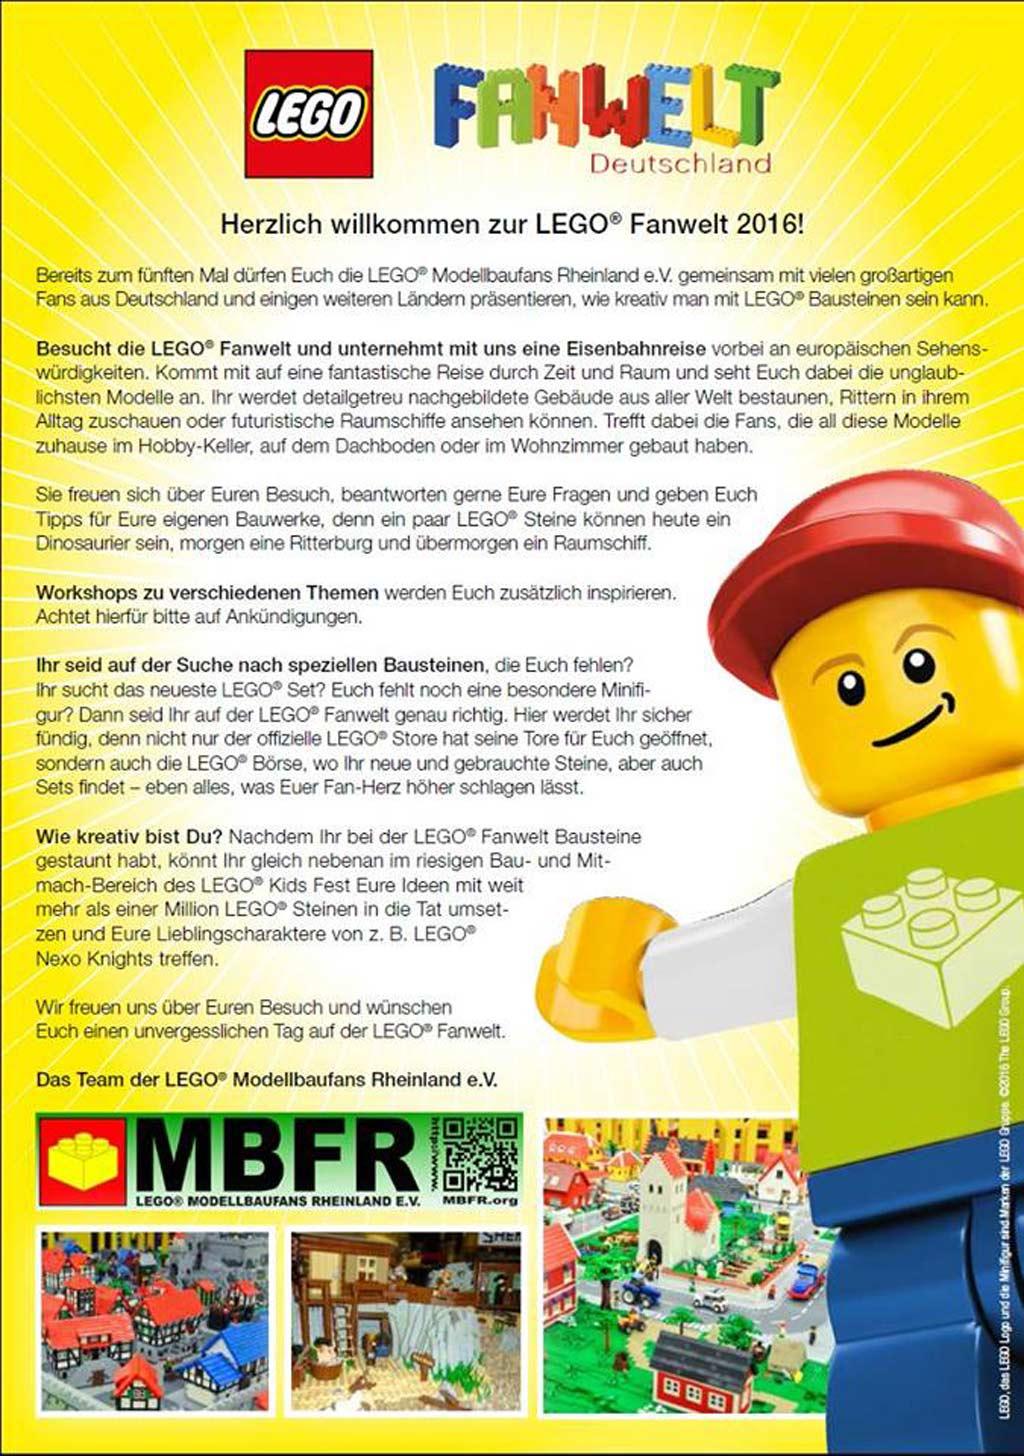 LEGO Fanwelt: Das ist geplant | © LEGO Modellbaufans Rheinland e.V.